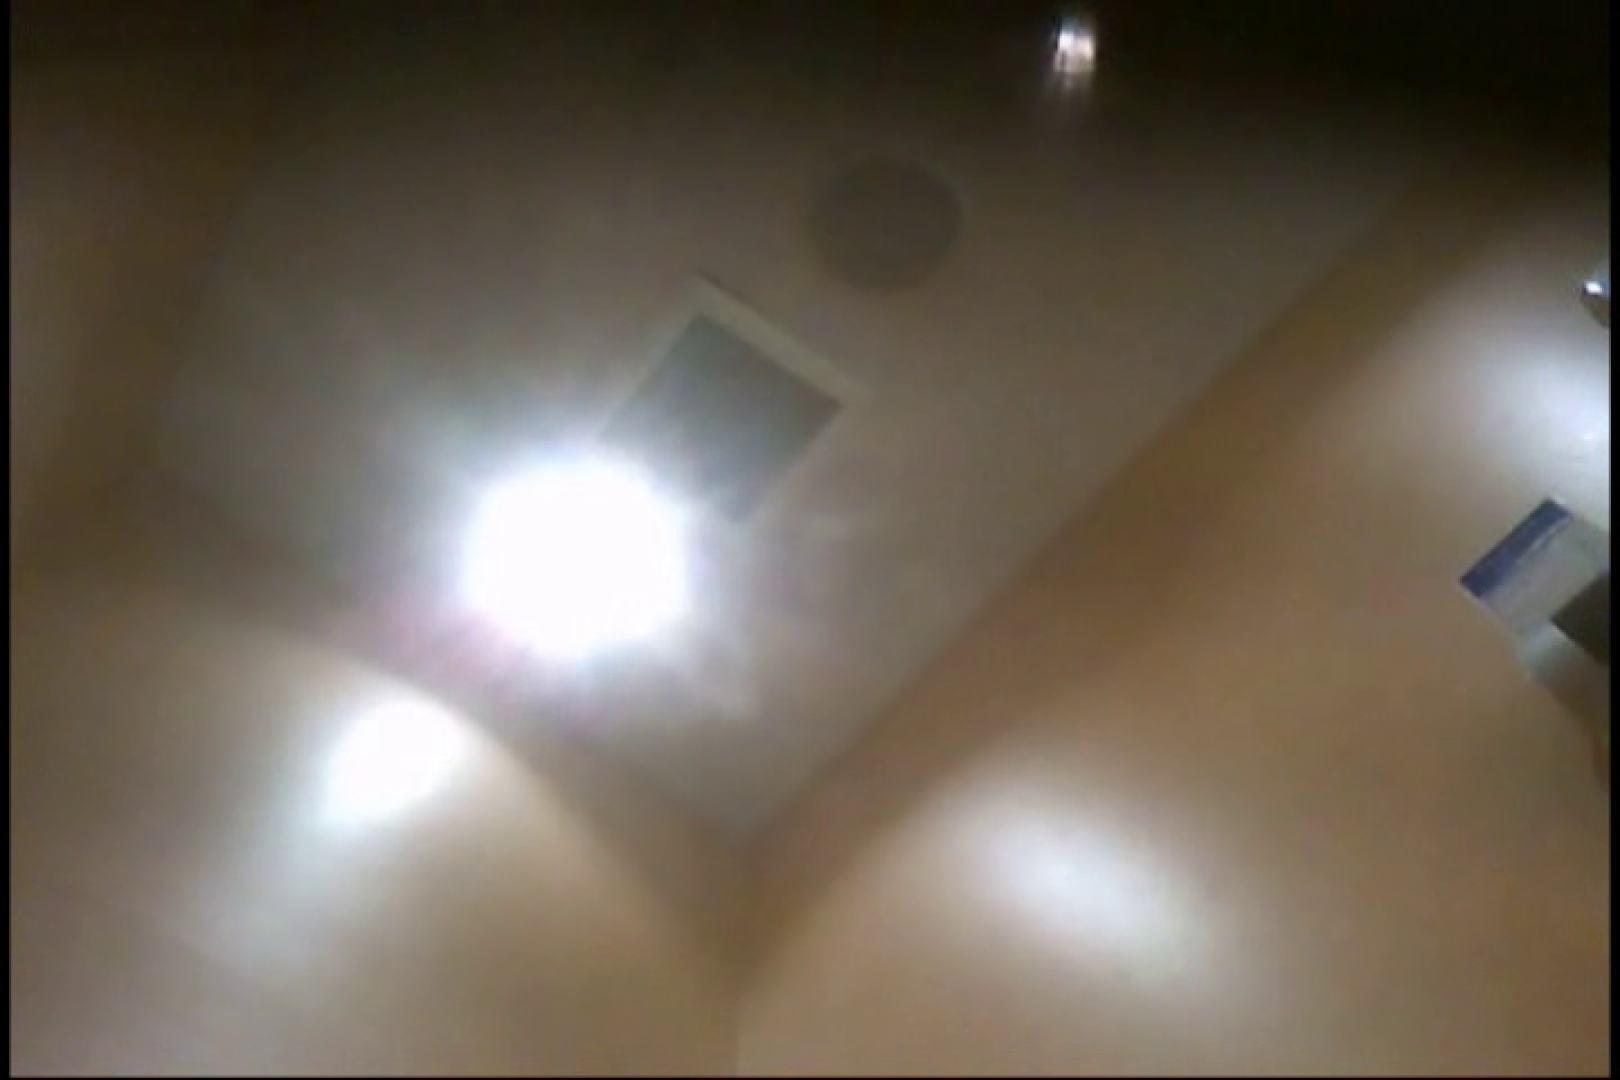 画質向上!新亀さん厠 vol.53 オマンコギャル AV無料動画キャプチャ 36連発 16